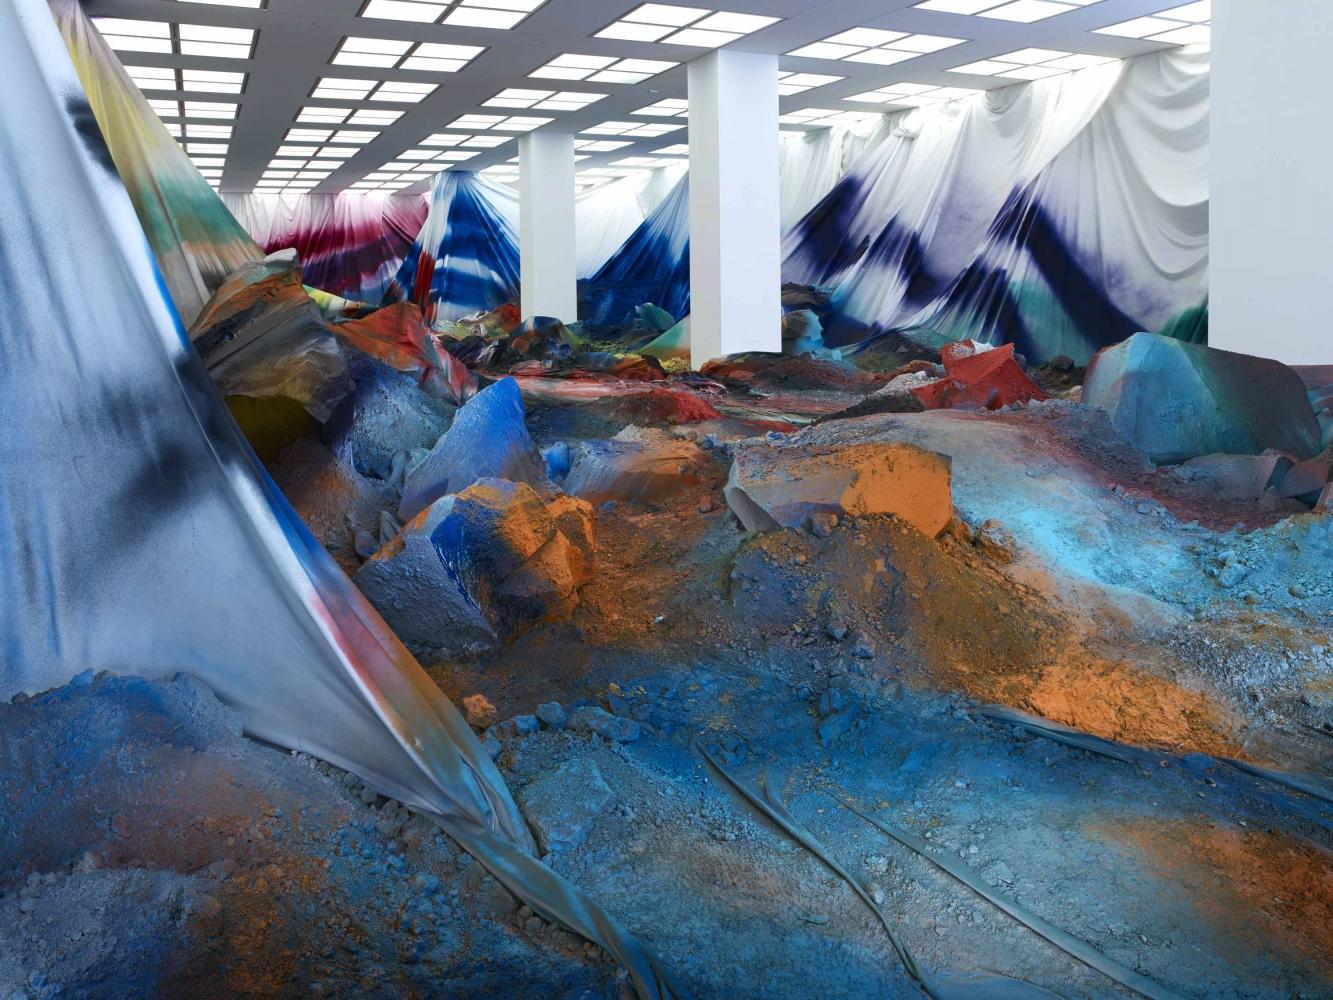 Garage, incontournable musée d'art contemporain de Moscou, se rénove avec Rem Koolhaas